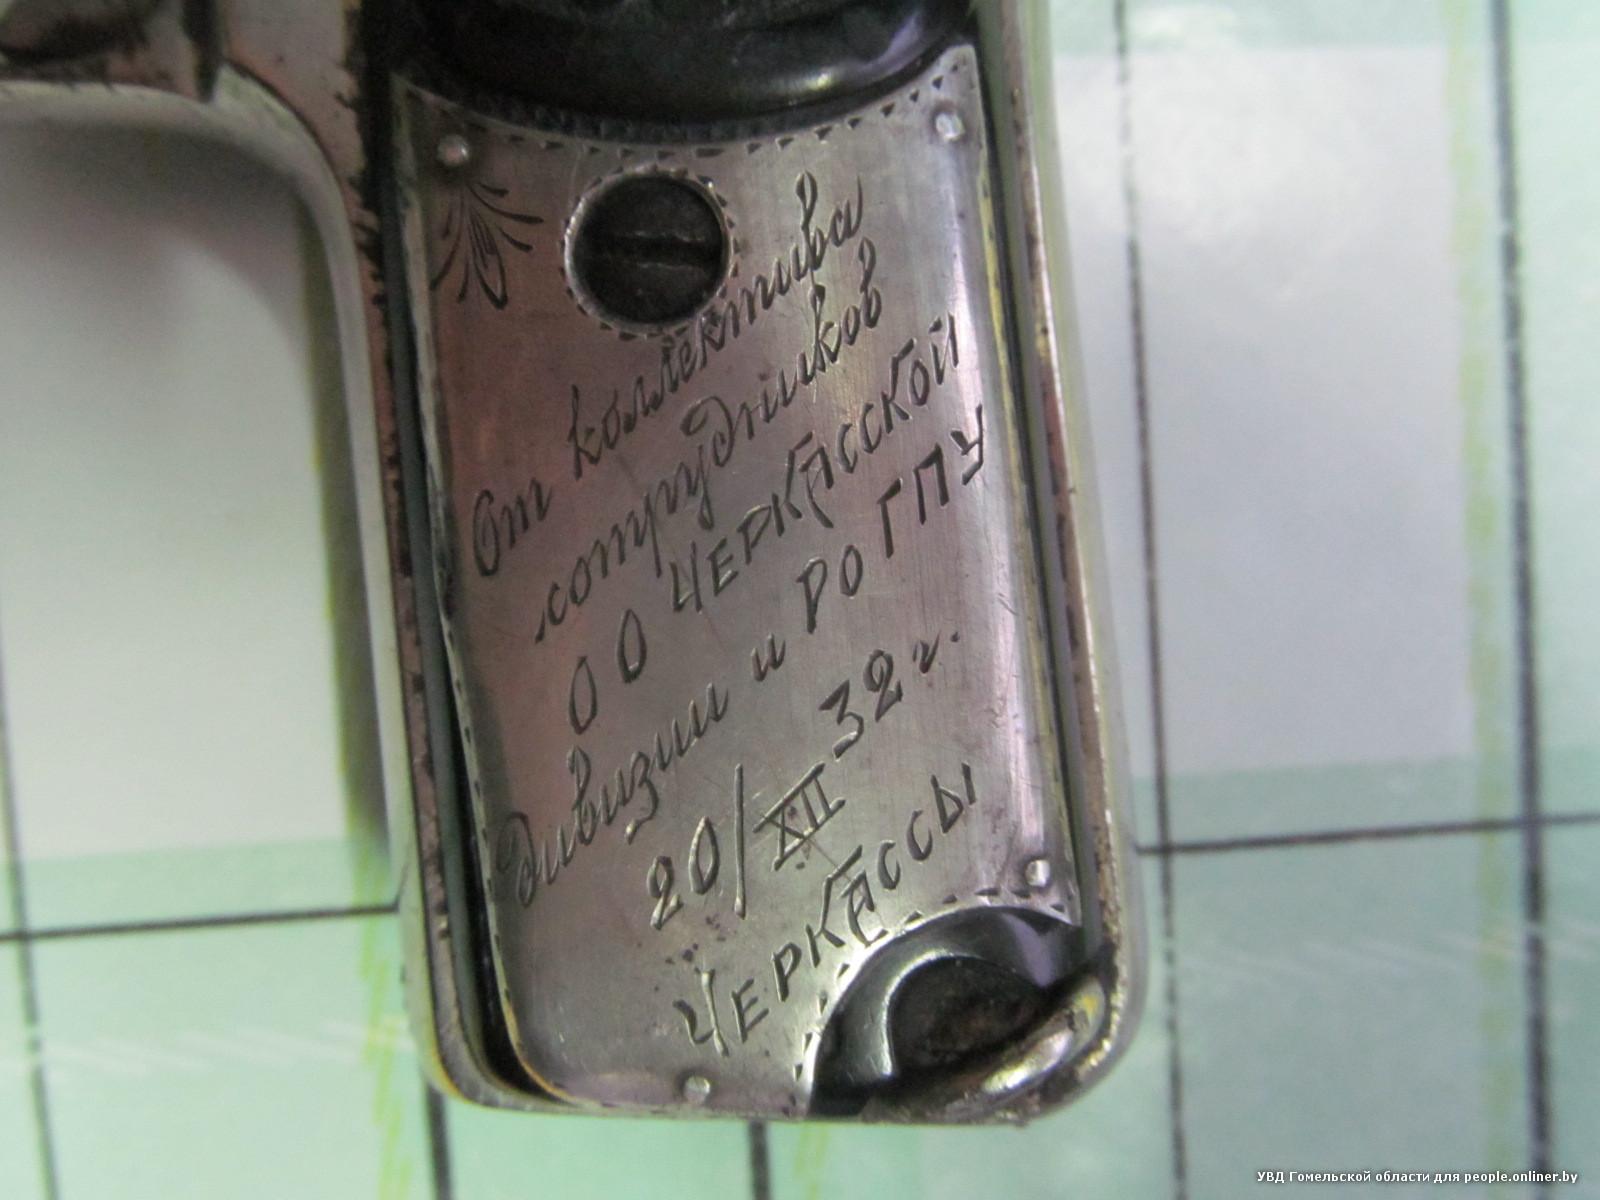 Під час обшуку у Симоненка знайшли пістолет із глушником і 120 патронів до нього, - СБУ - Цензор.НЕТ 9315